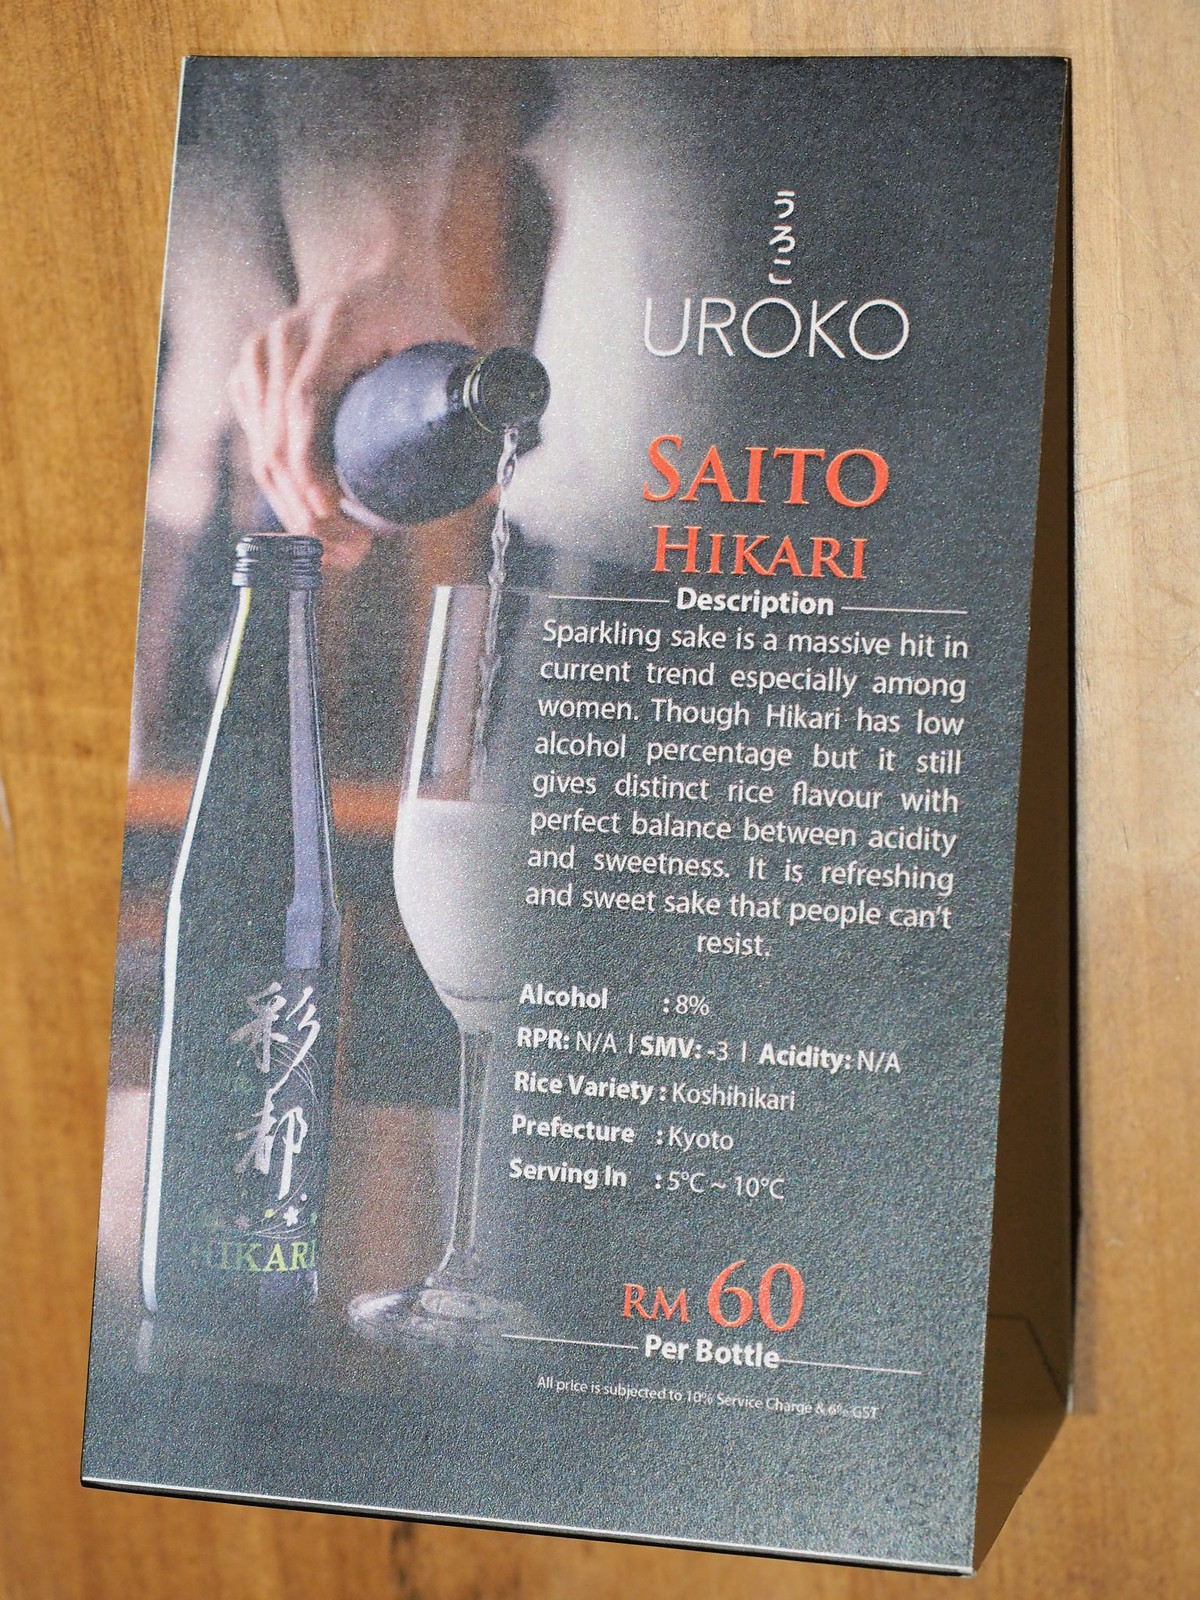 Saito Hikari Sake at Uroko Japanese Cuisine